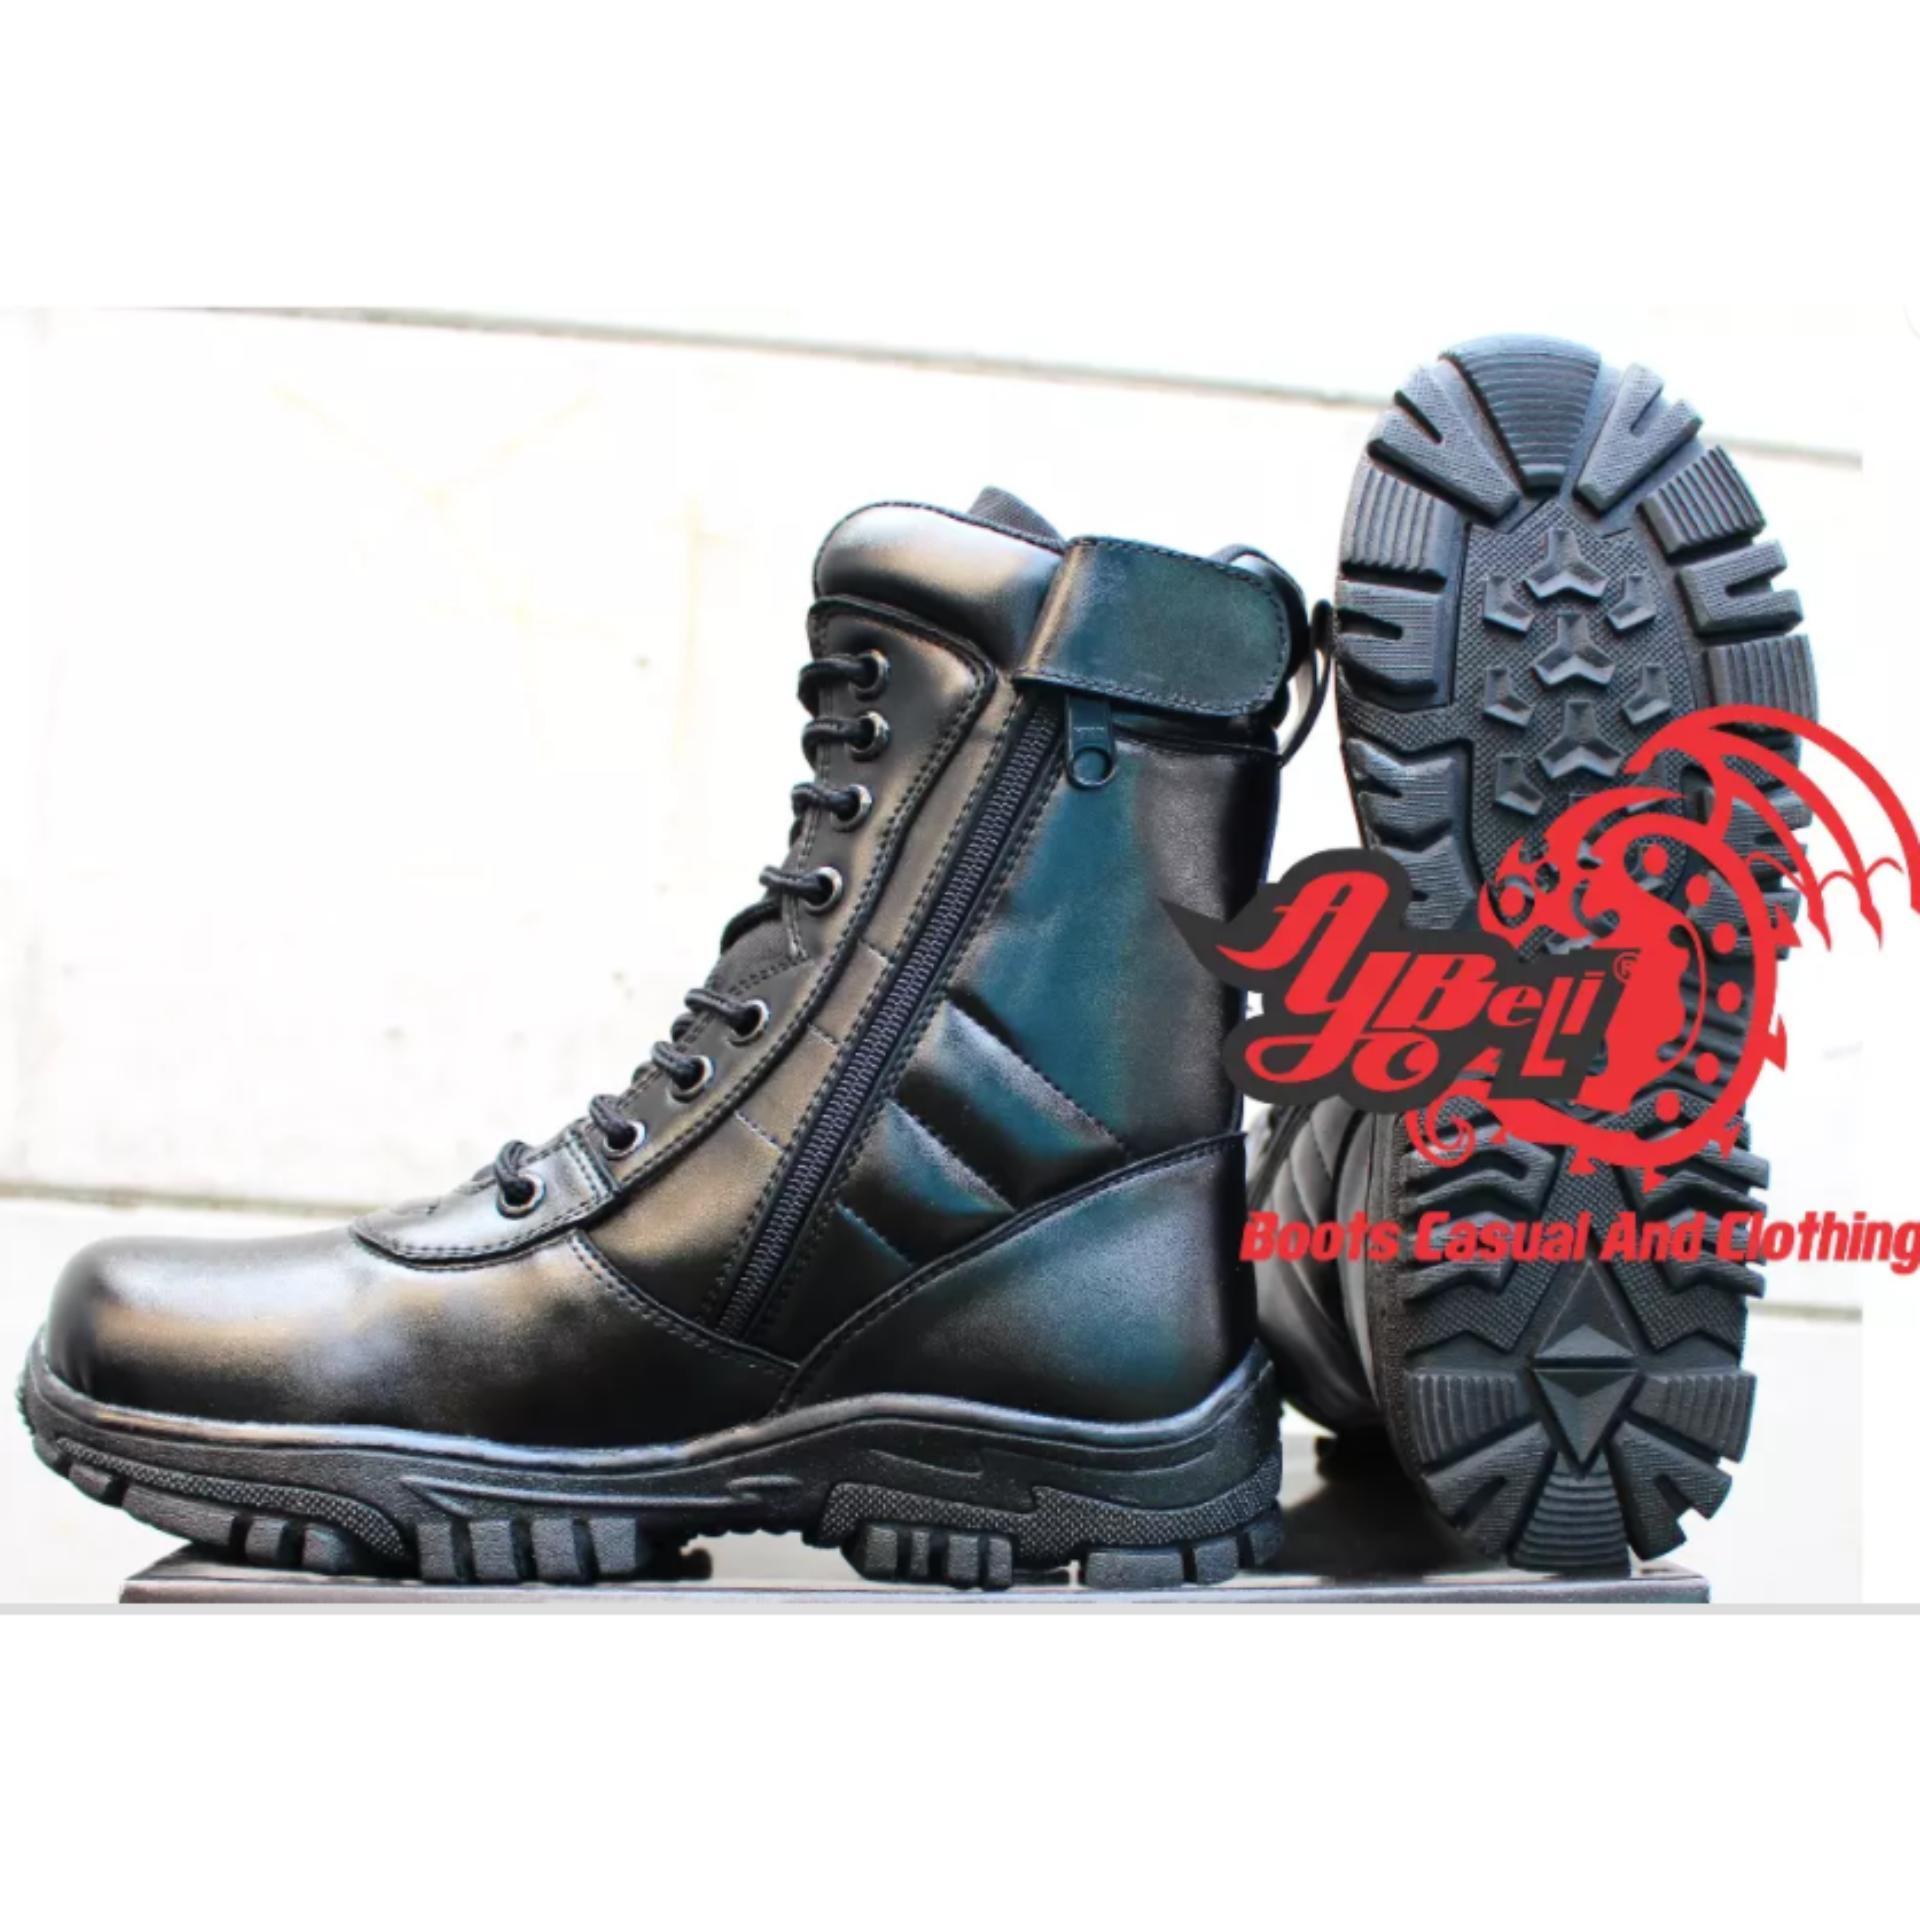 Sepatu Pdl Boots Tali Resleting Tni Polri Security Motif Kulit Jeruk Ter Source